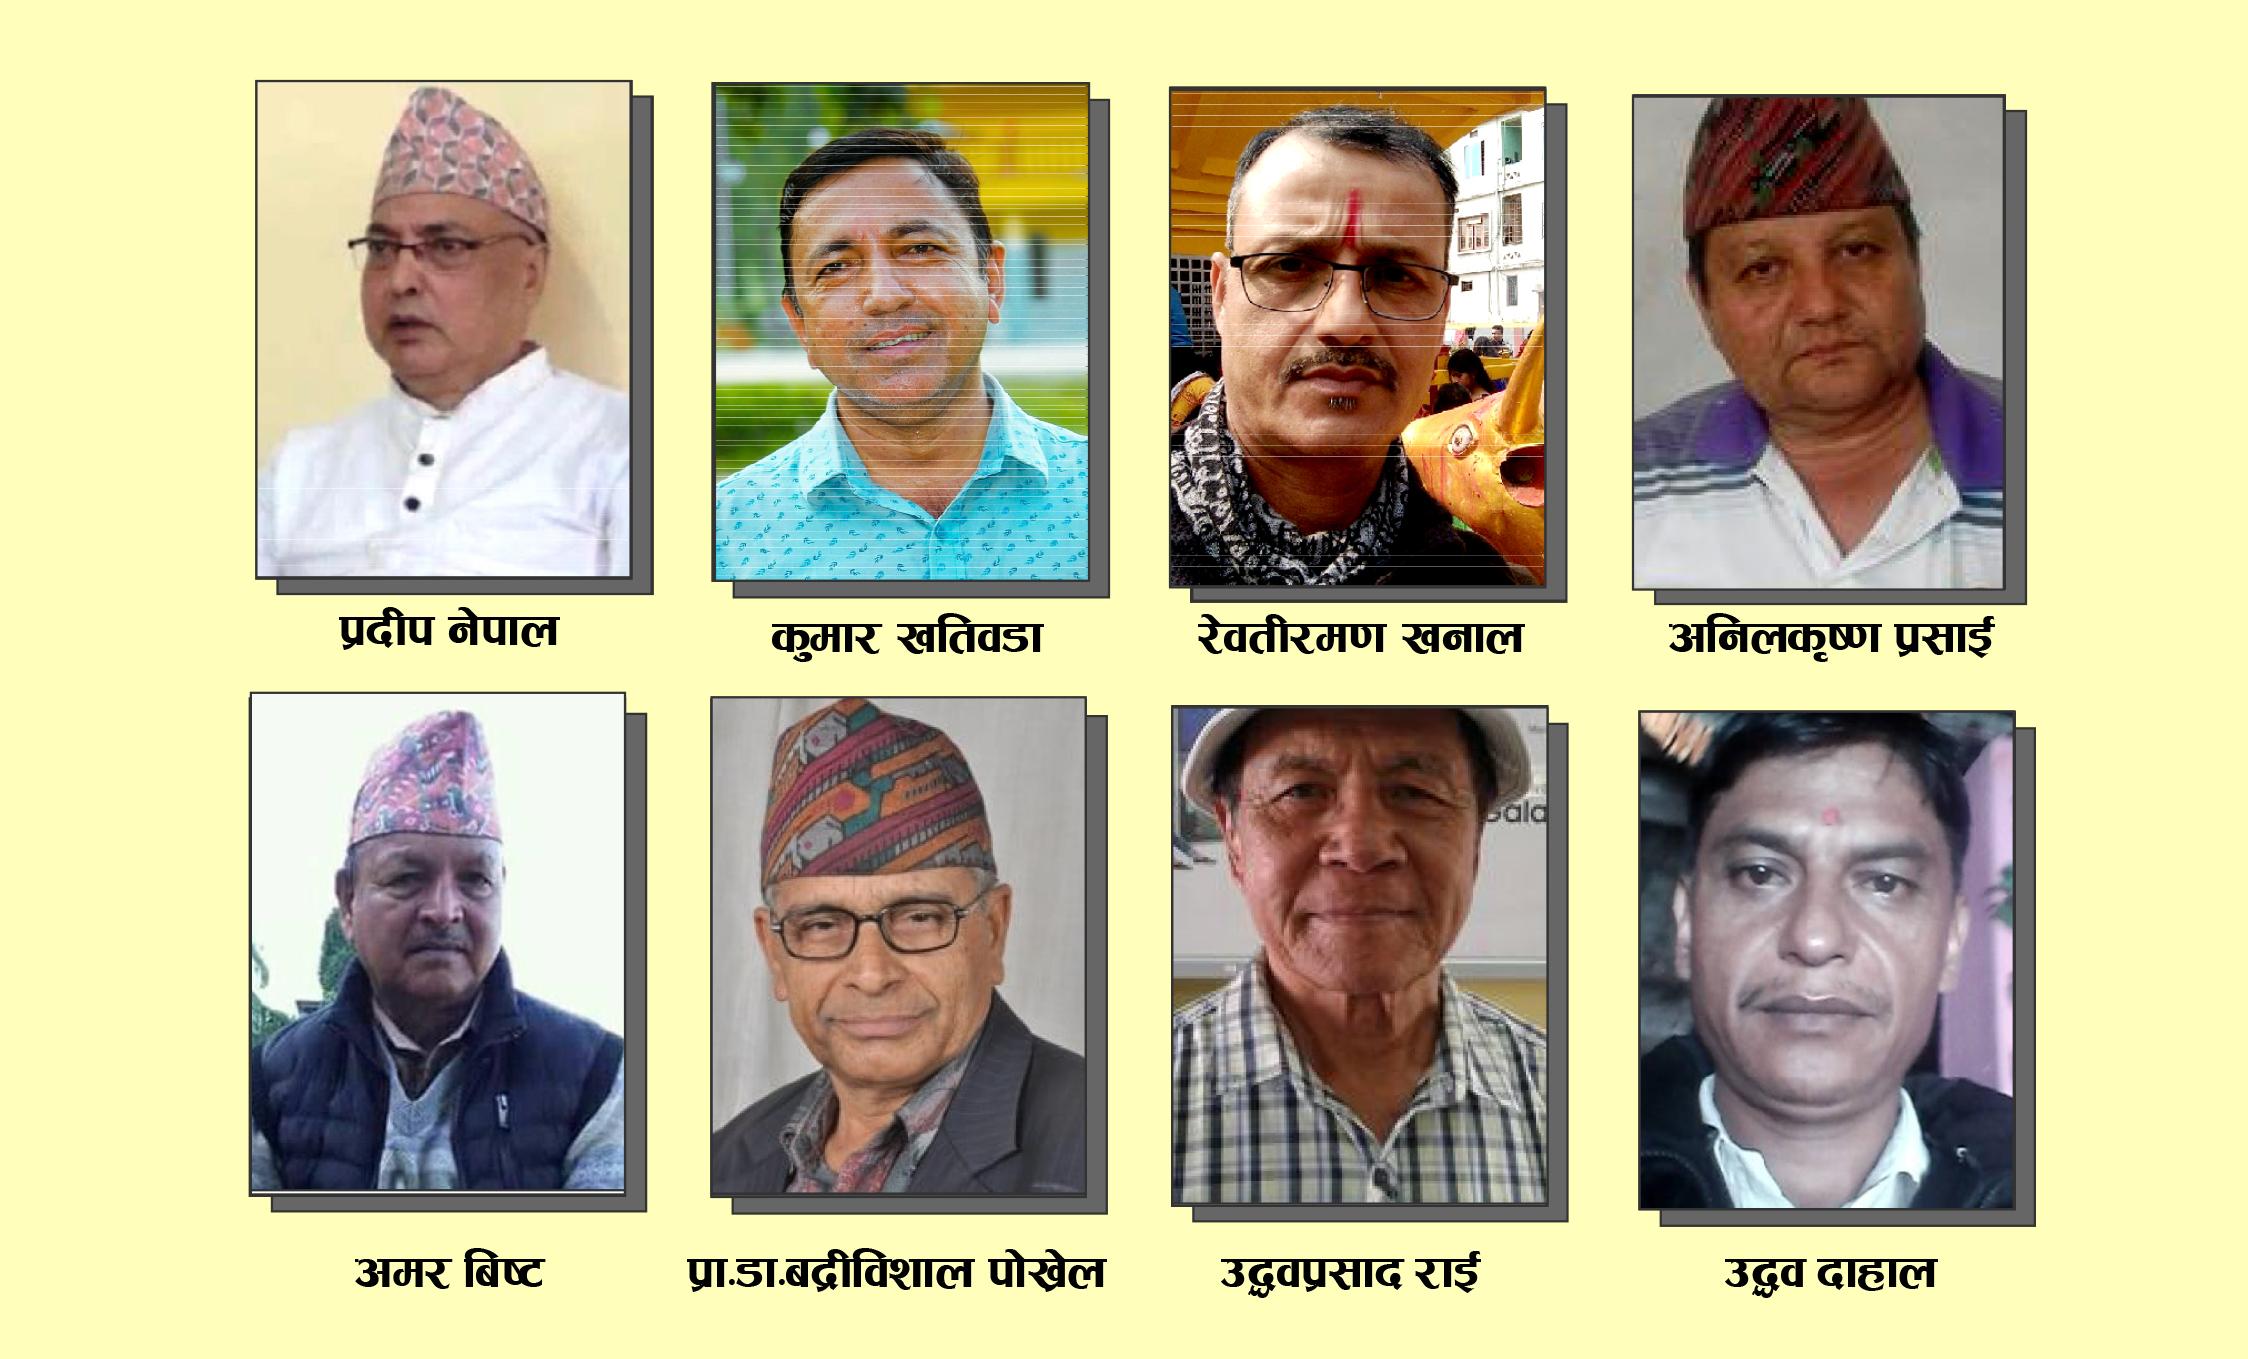 प्रदिप नेपाल, रेवतीरमण खनाल, अनिलकृष्ण प्रसाइ